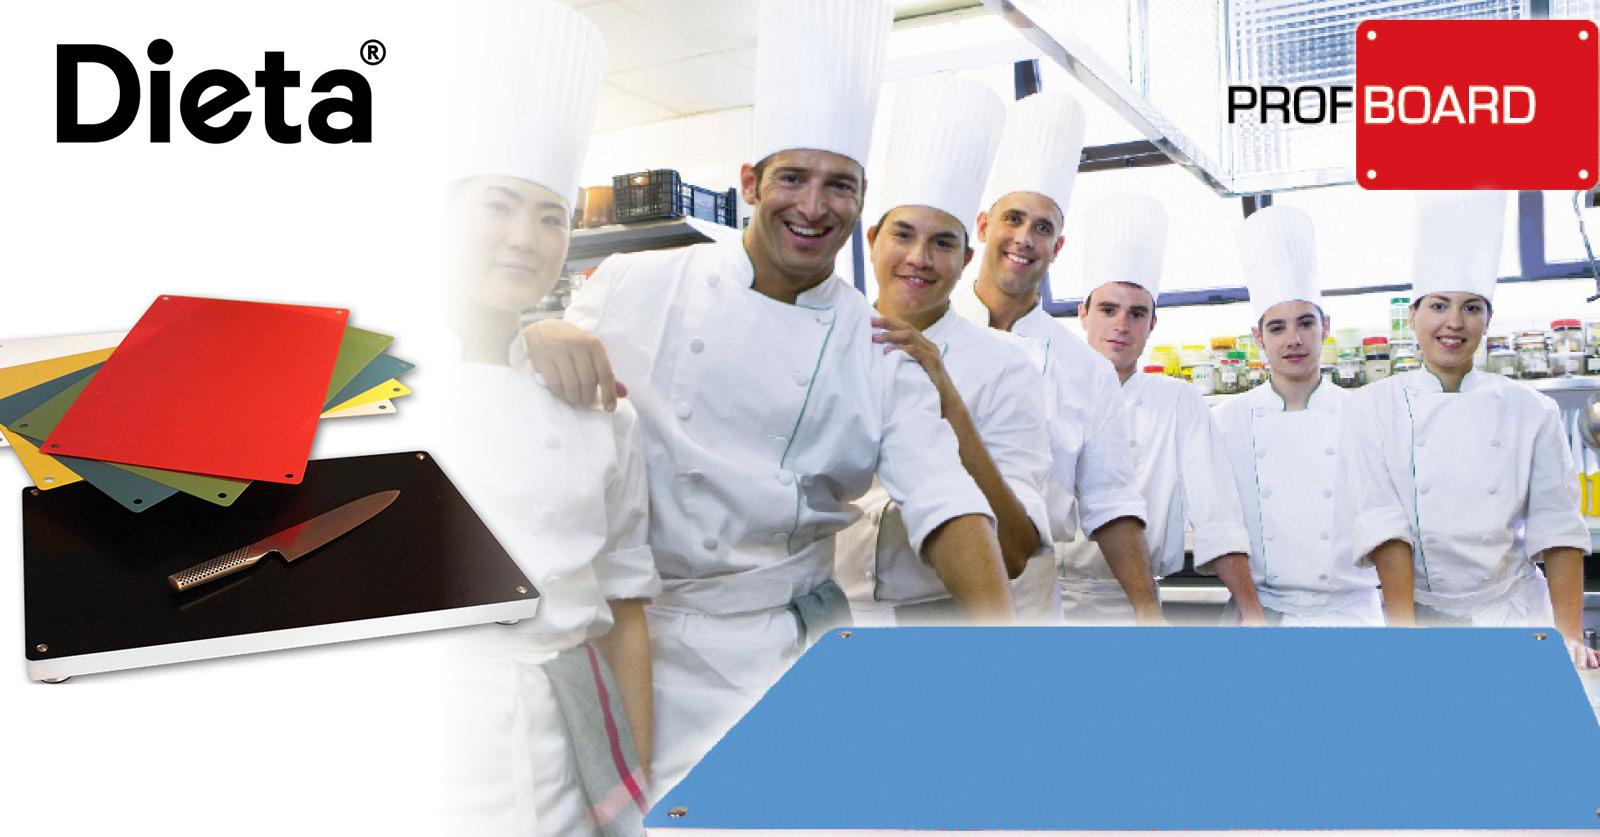 Tehosta keittiötyöskentelyä leikkuulautakonseptilla